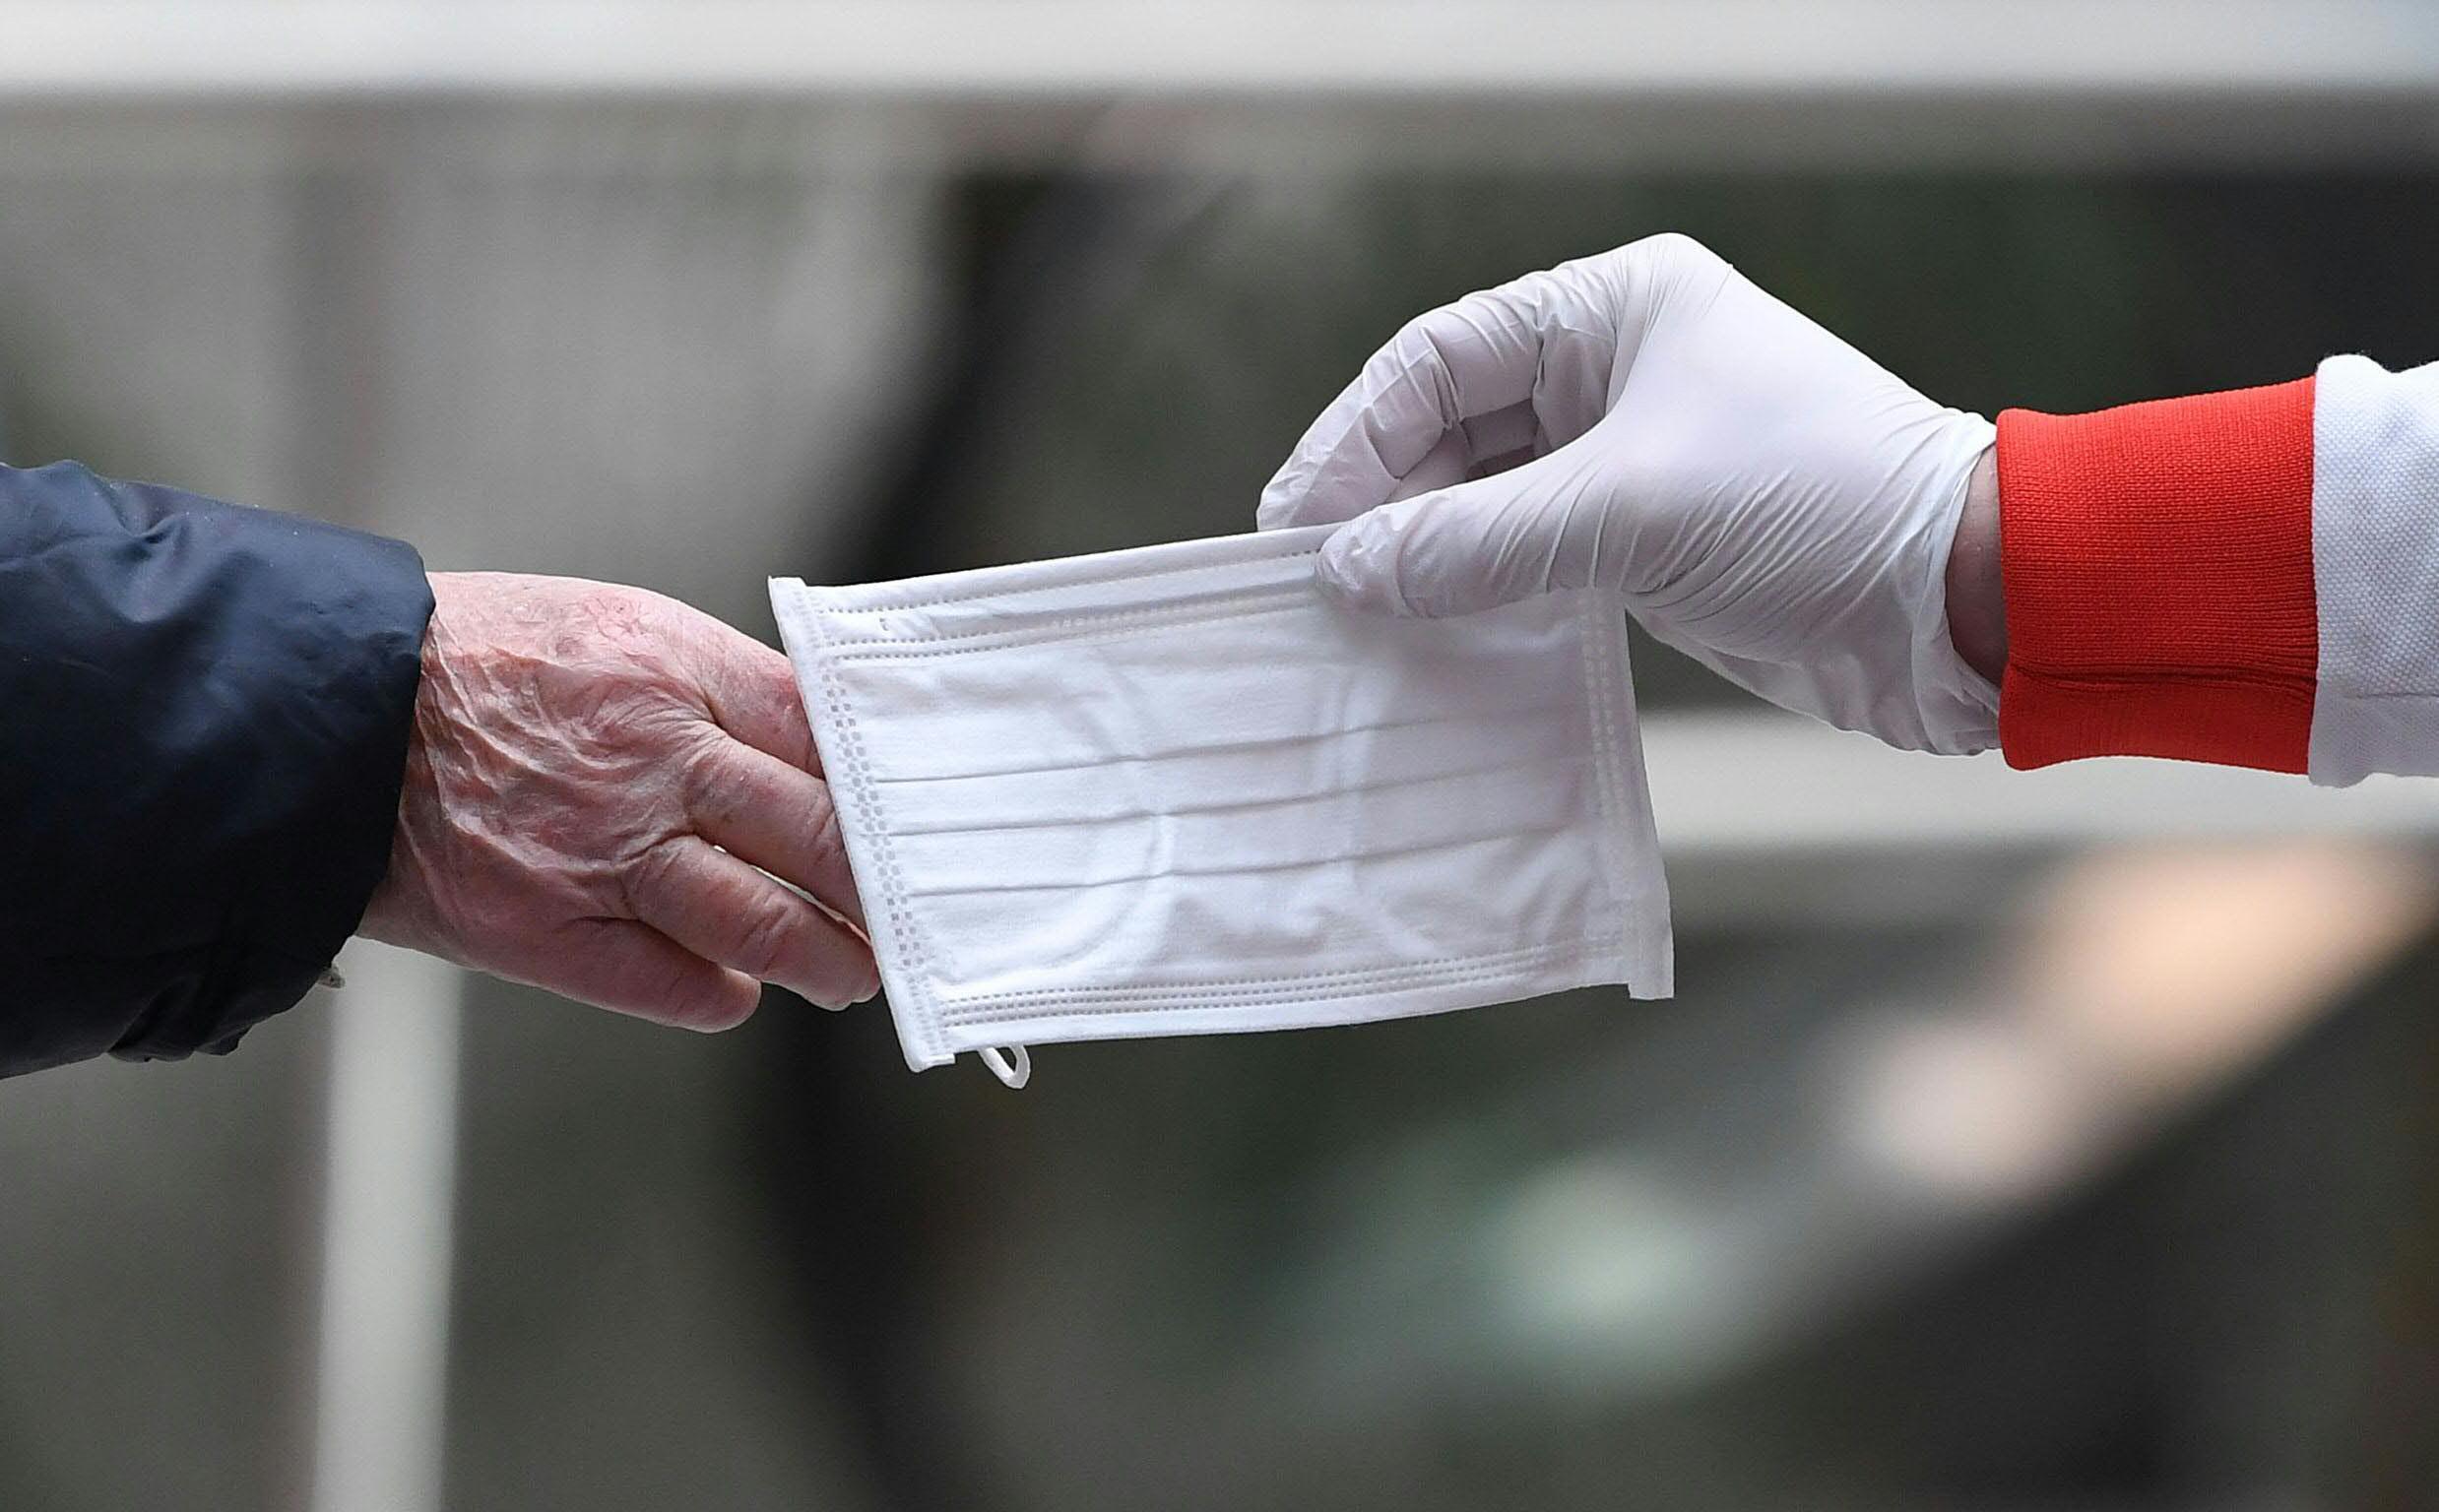 Rode Kruis Ziekenhuis Beverwijk vraagt bezoekers een mondkapje te dragen, Spaarne Gasthuis heeft het verplicht